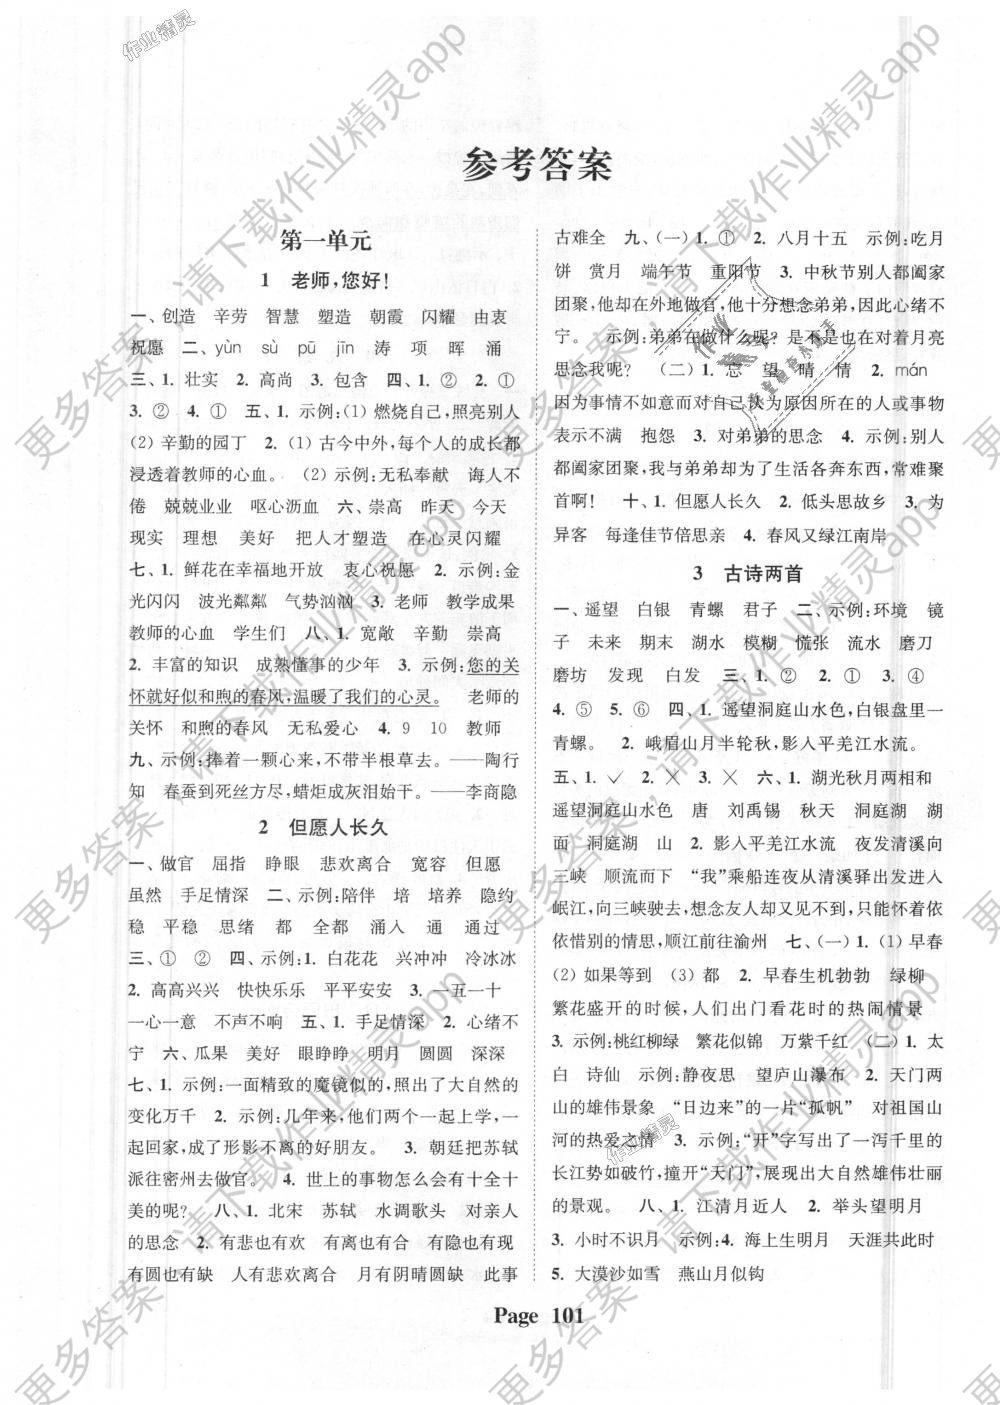 2018年通城学典课时新体验四年级语文上册江苏版 第1页